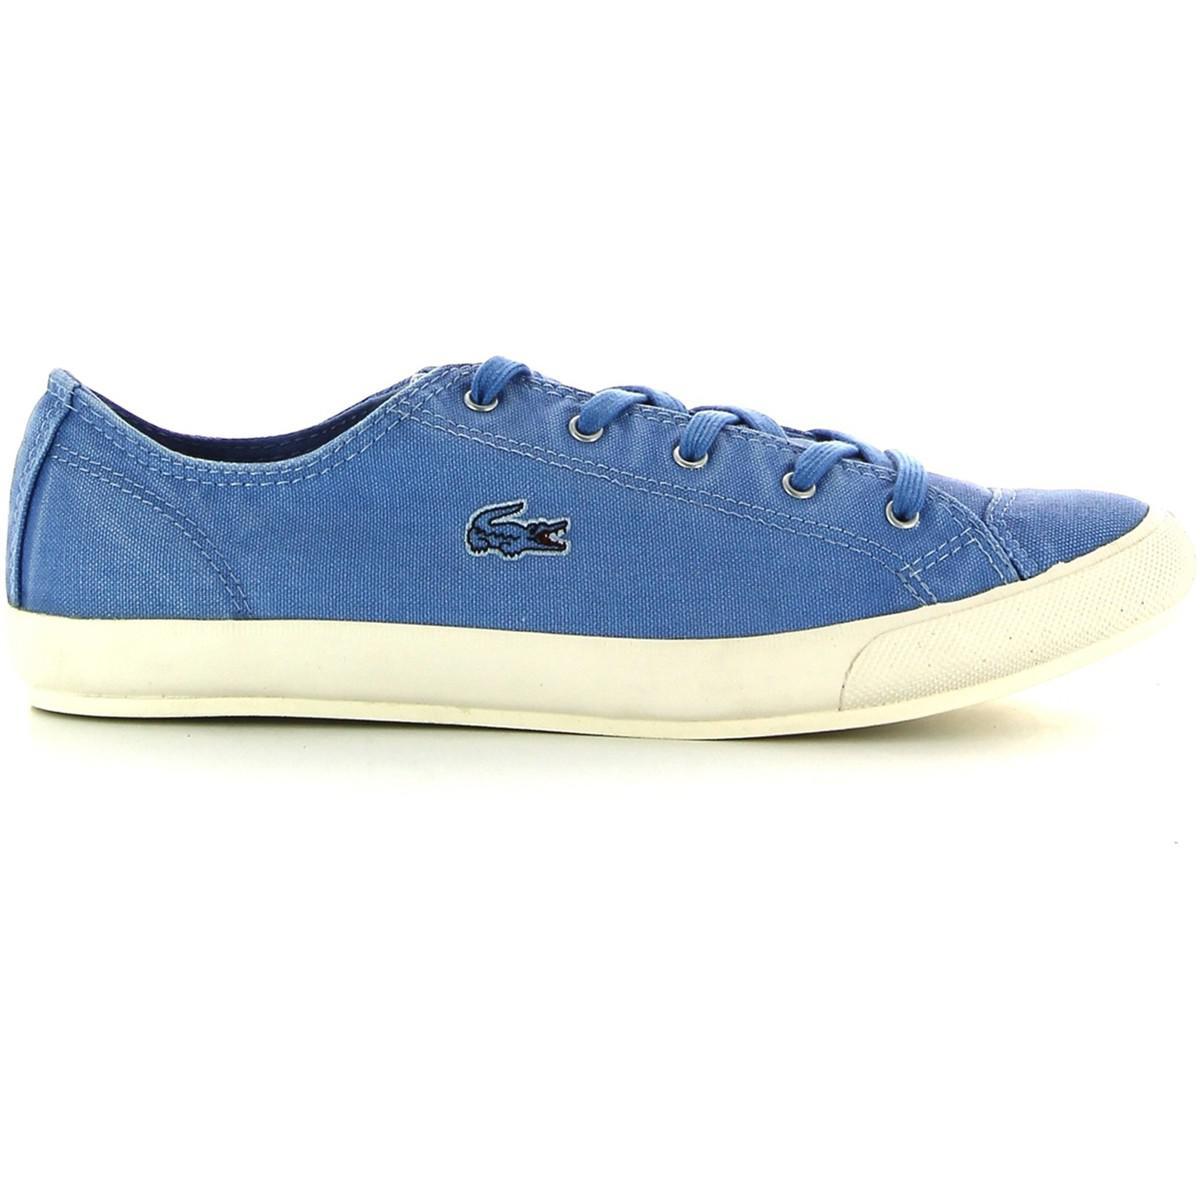 Lacoste 727SRM1228 Sneakers Jeans Men